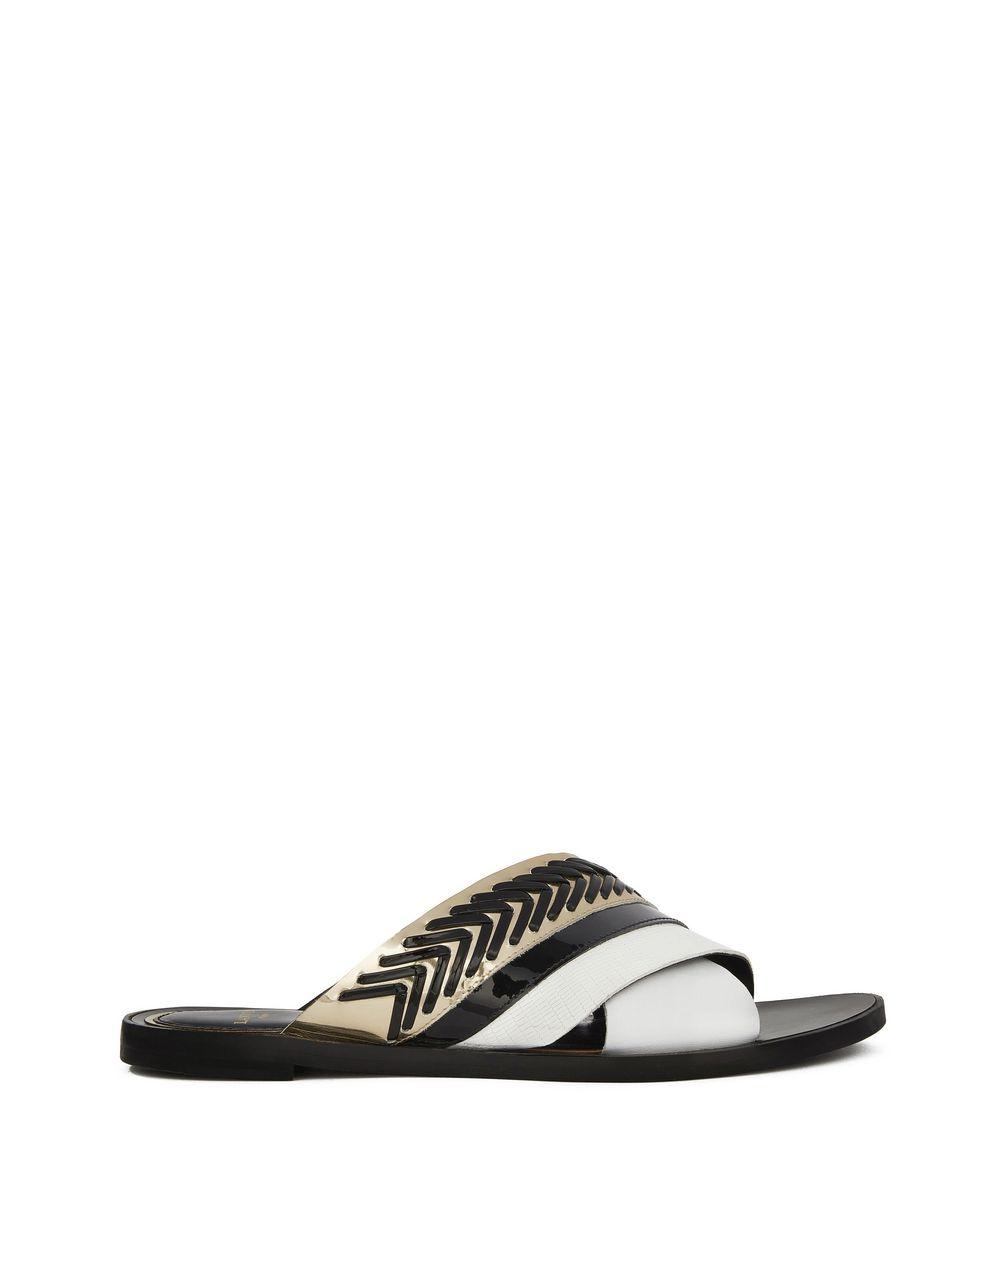 14c89c8a568 Lanvin CROSSOVER WOVEN SANDAL, Sandals Women   Lanvin Online Store